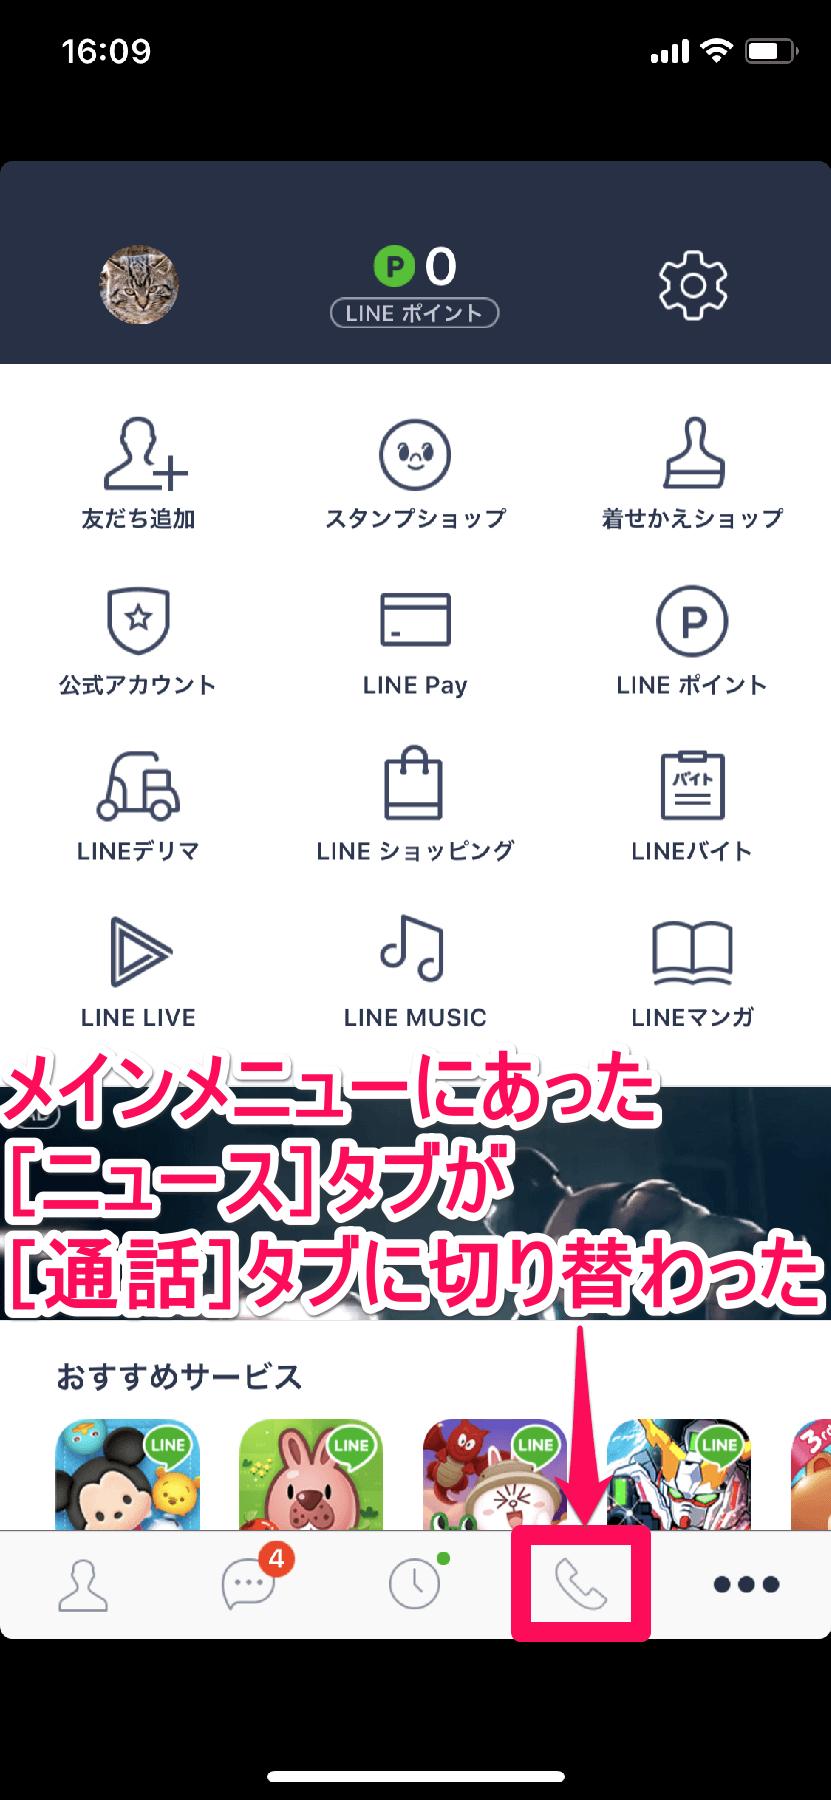 LINE(ライン)のメインメニューに通話タブが表示された画面